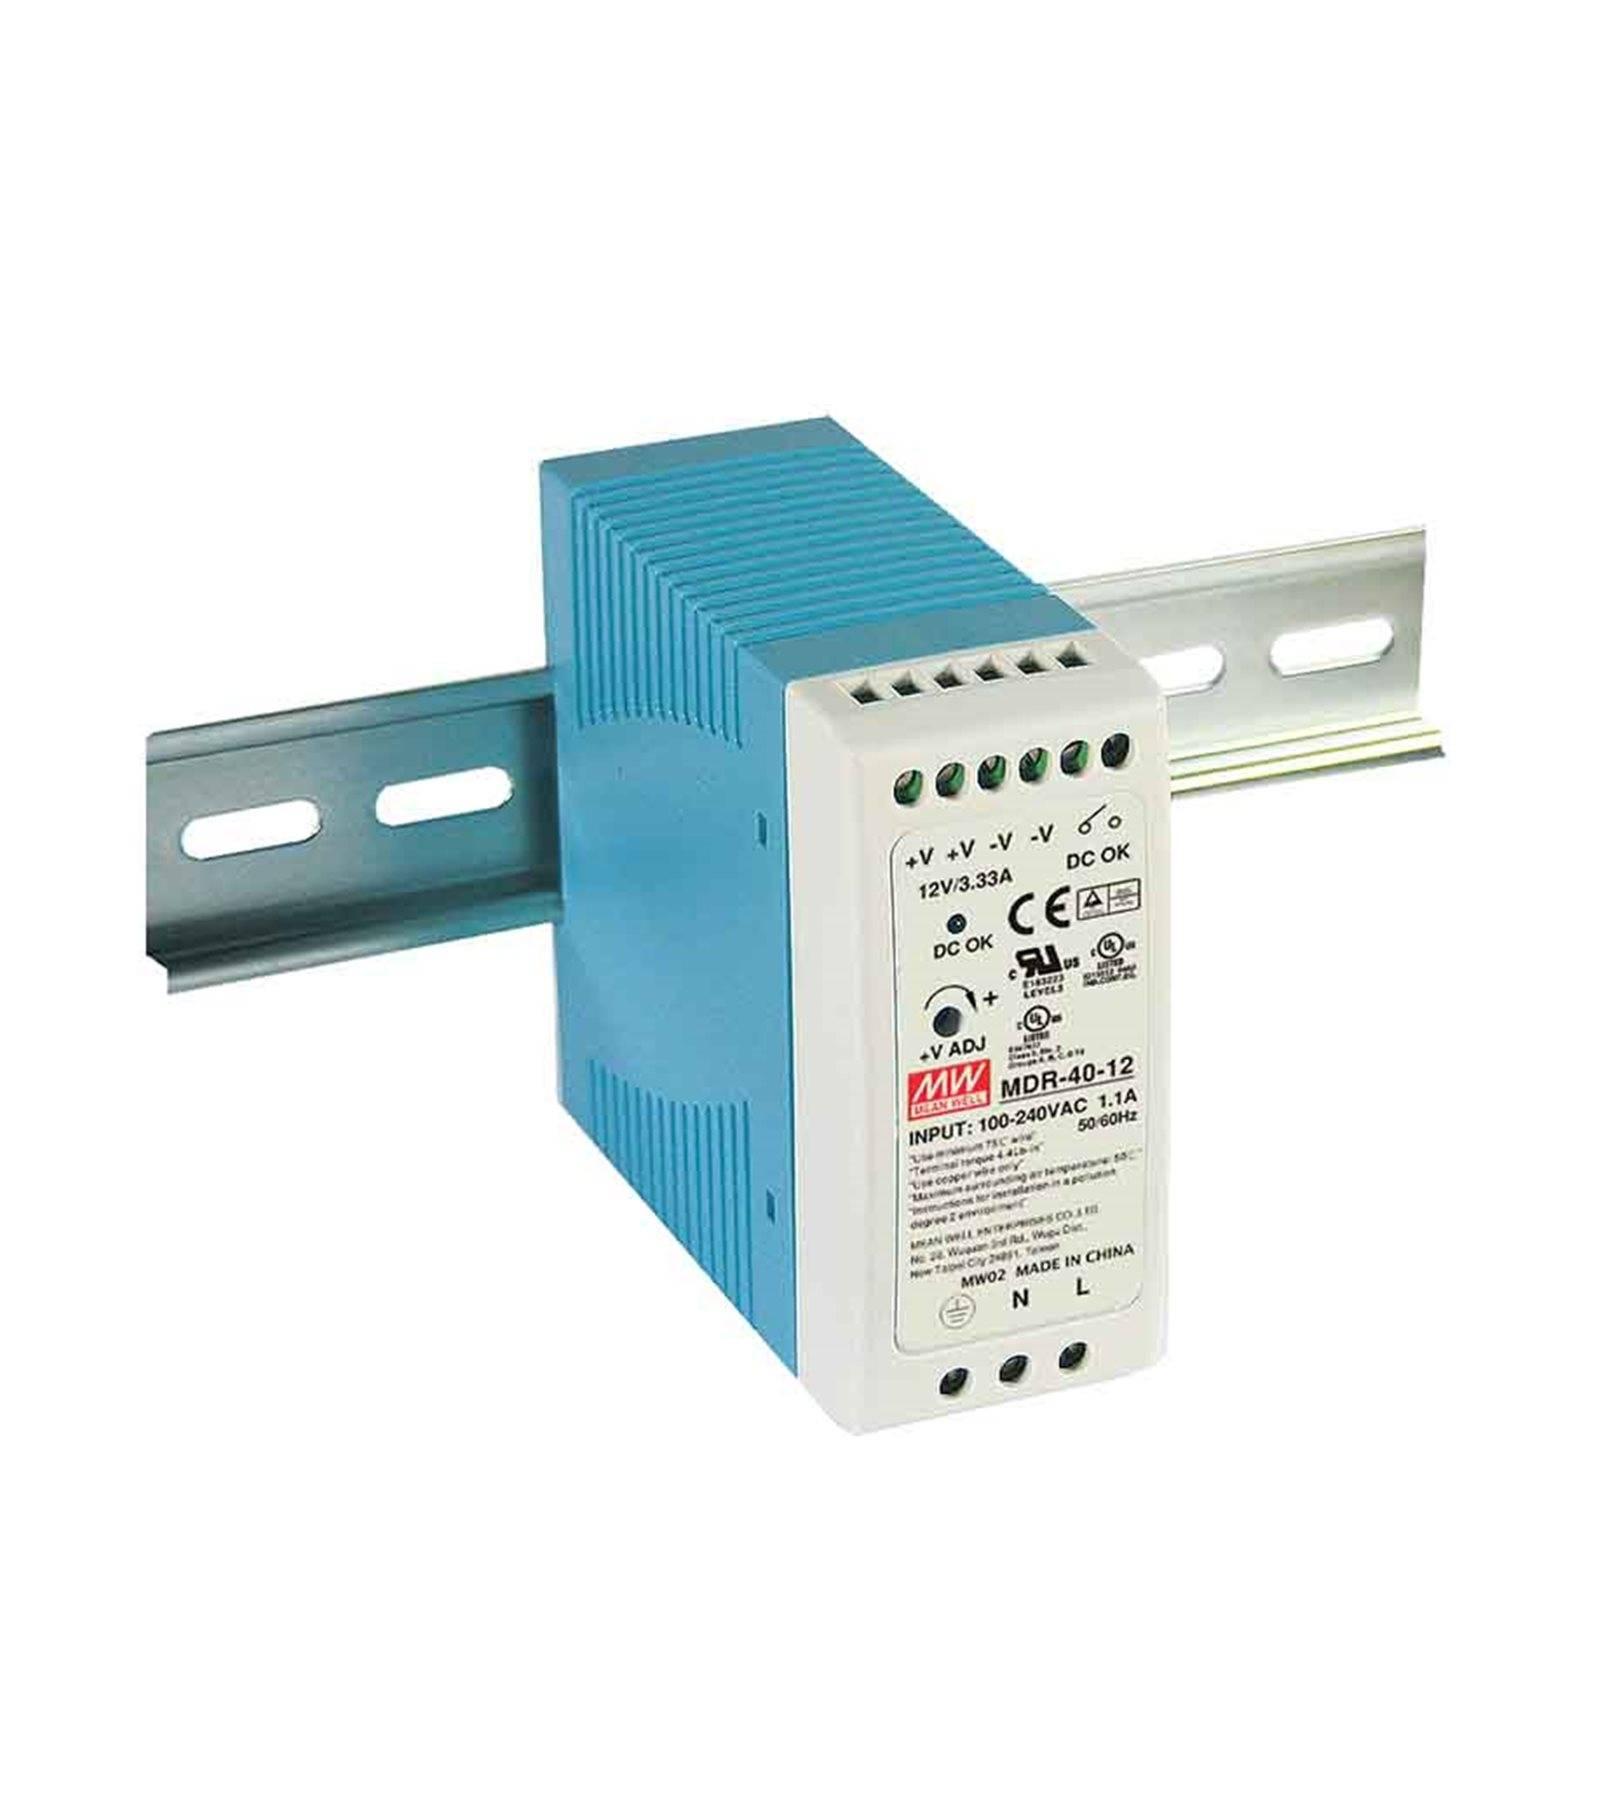 Mean Well Transformateur pour rail DIN armoire électrique 40Wà 12V DC MDR-40-12 MEAN WELL - MDR-40-12